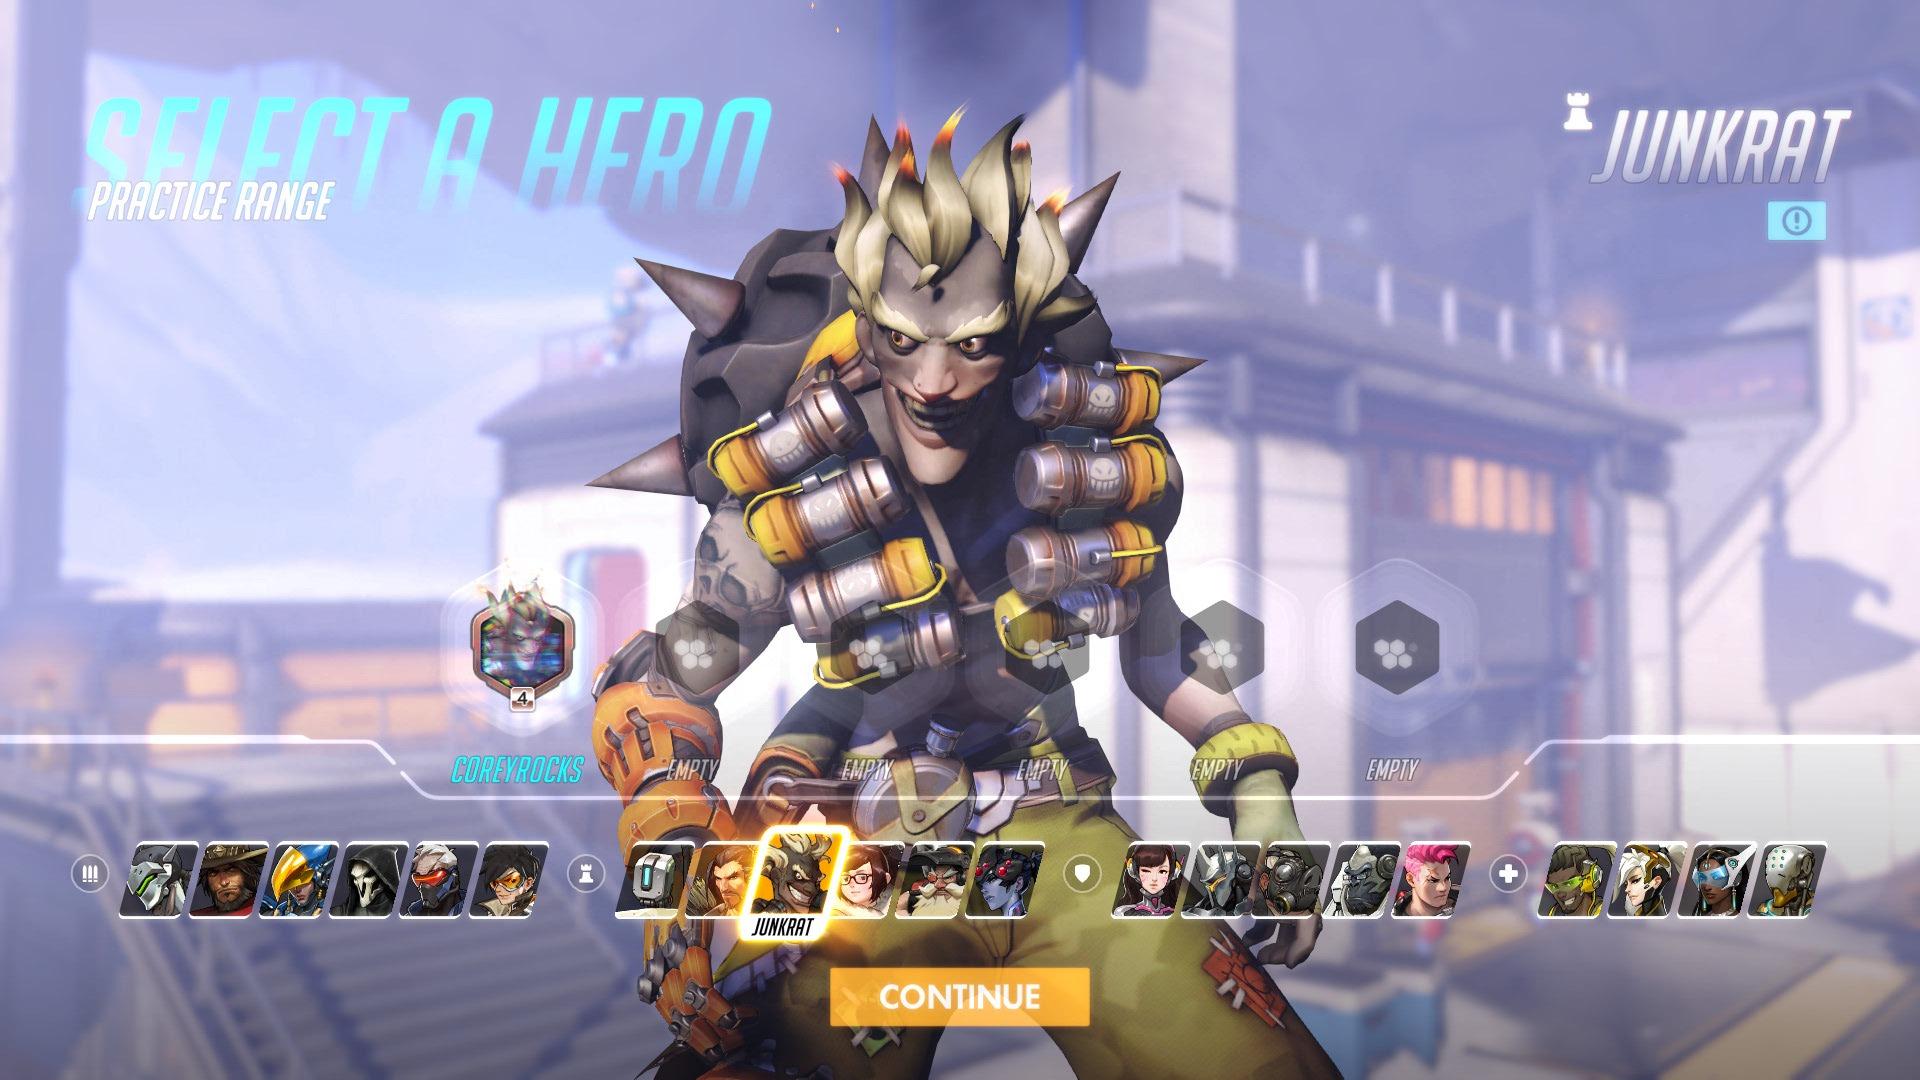 Junkrat Overwatch Hero